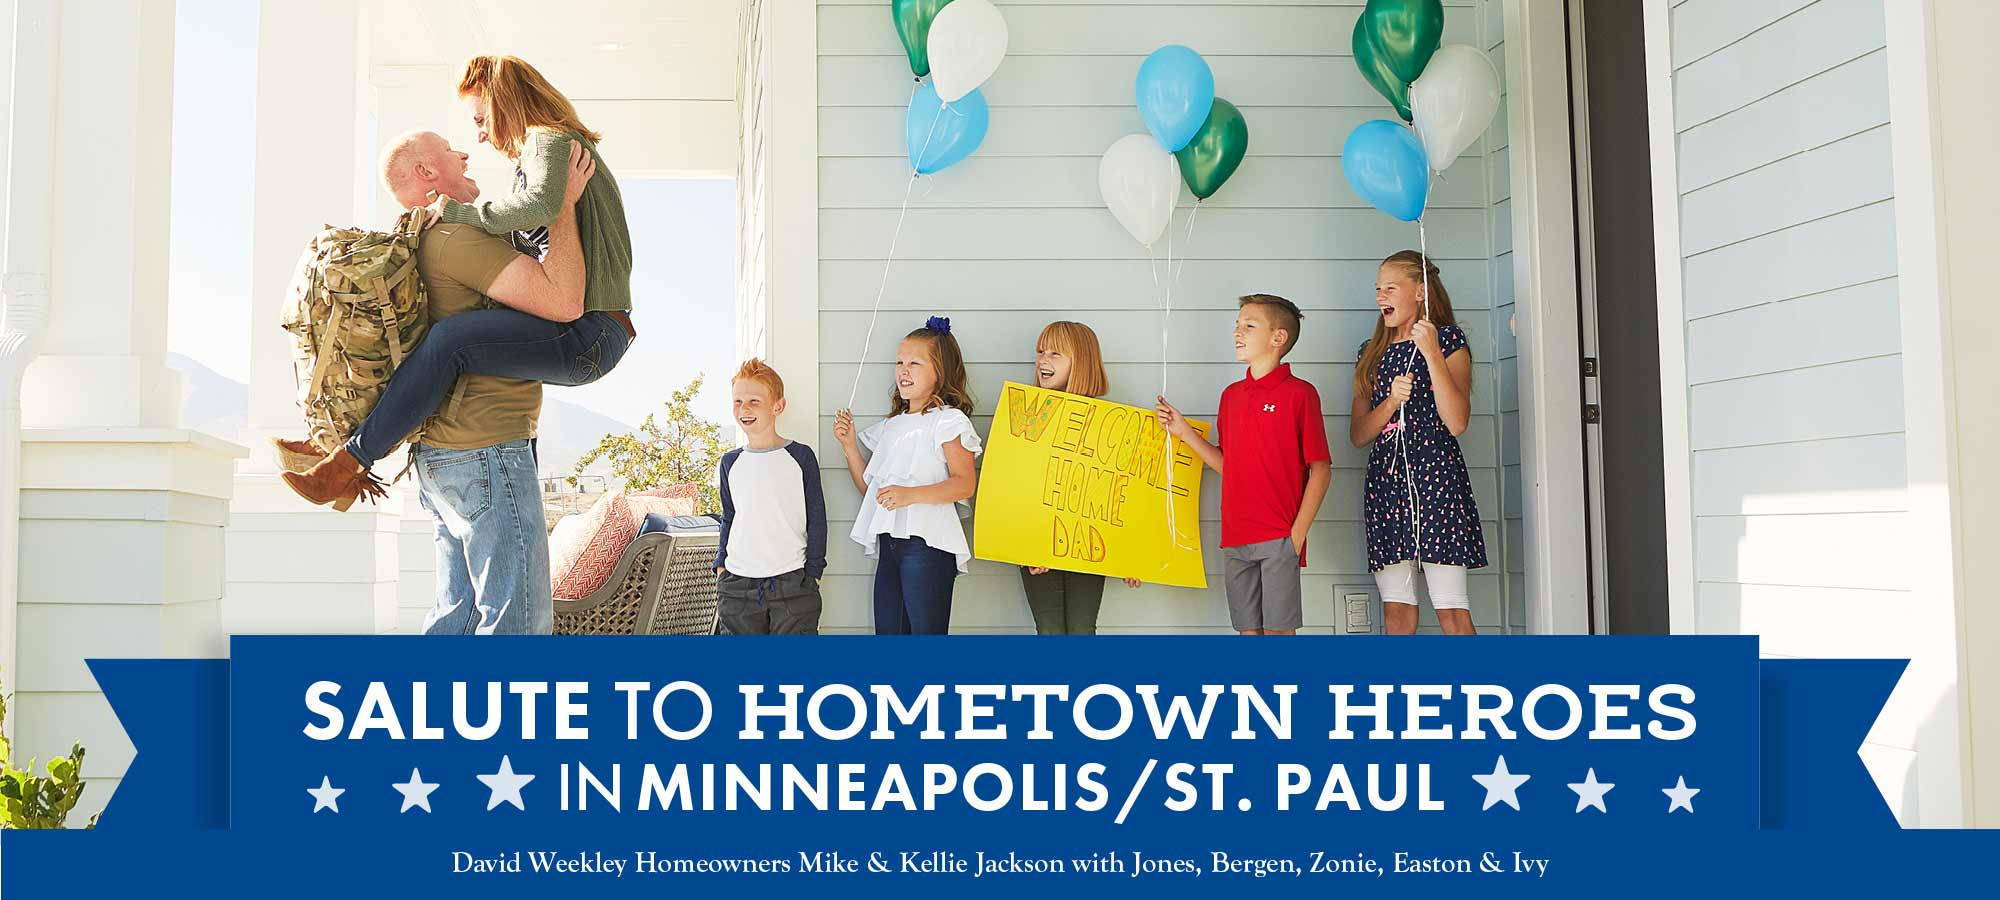 Salute to Hometown Heroes in Minneapolis!